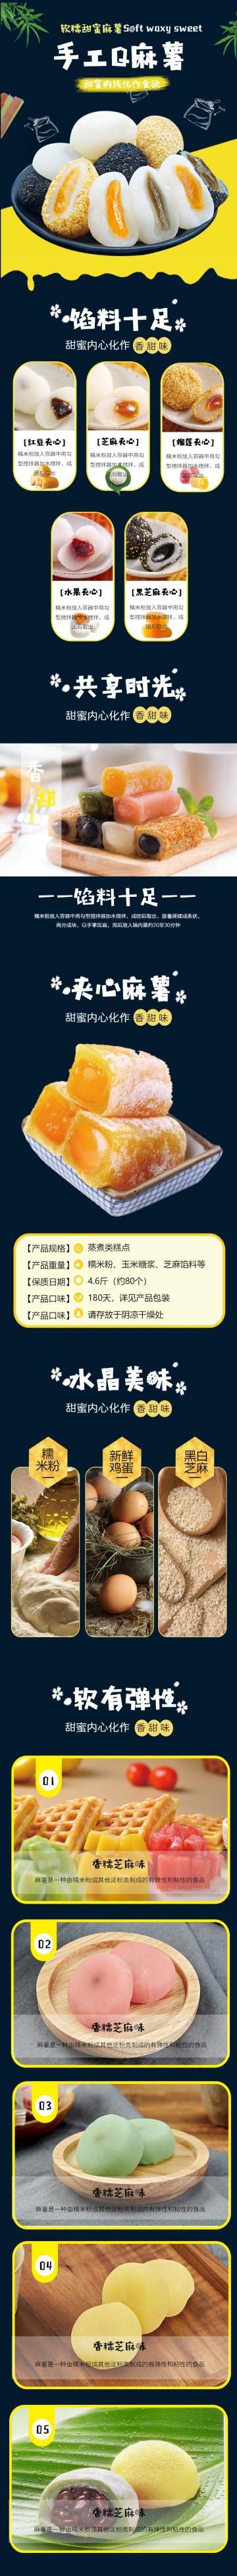 黄色简约大气面包甜点麻薯宣传营销电商宝贝详情